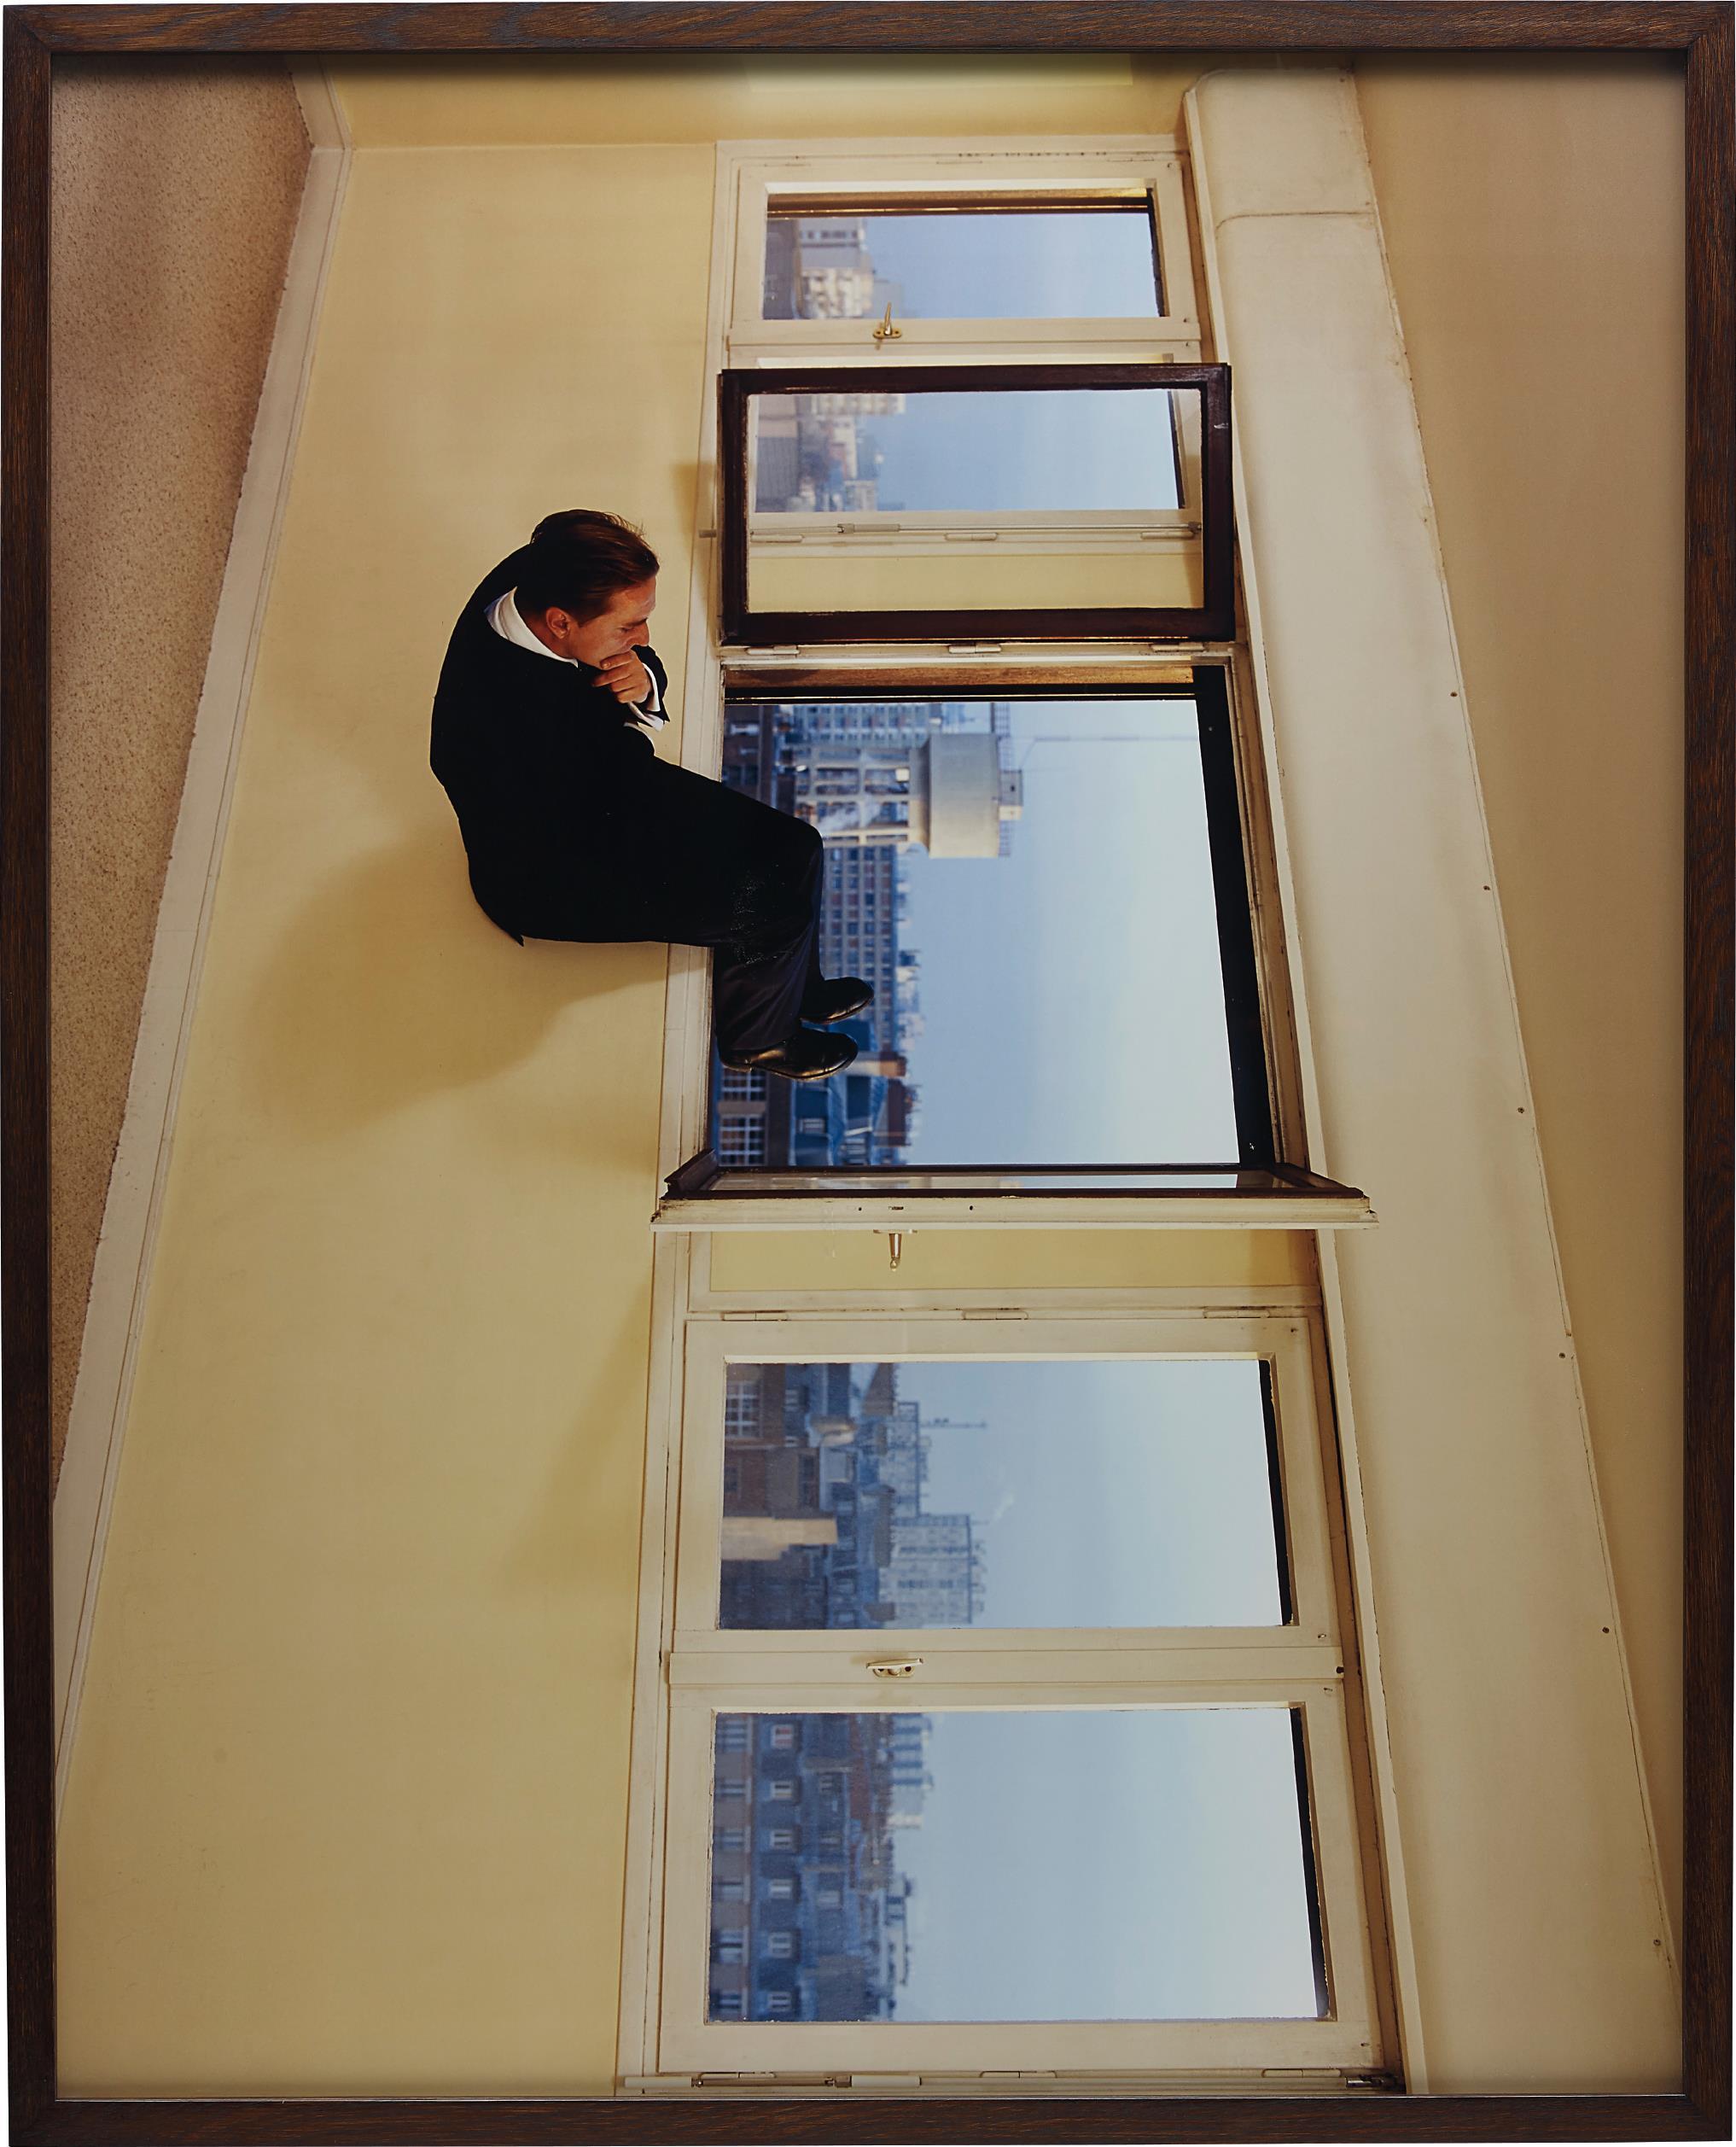 Philippe Ramette-Contemplation Irrationnelle (Irrational Contemplation)-2003